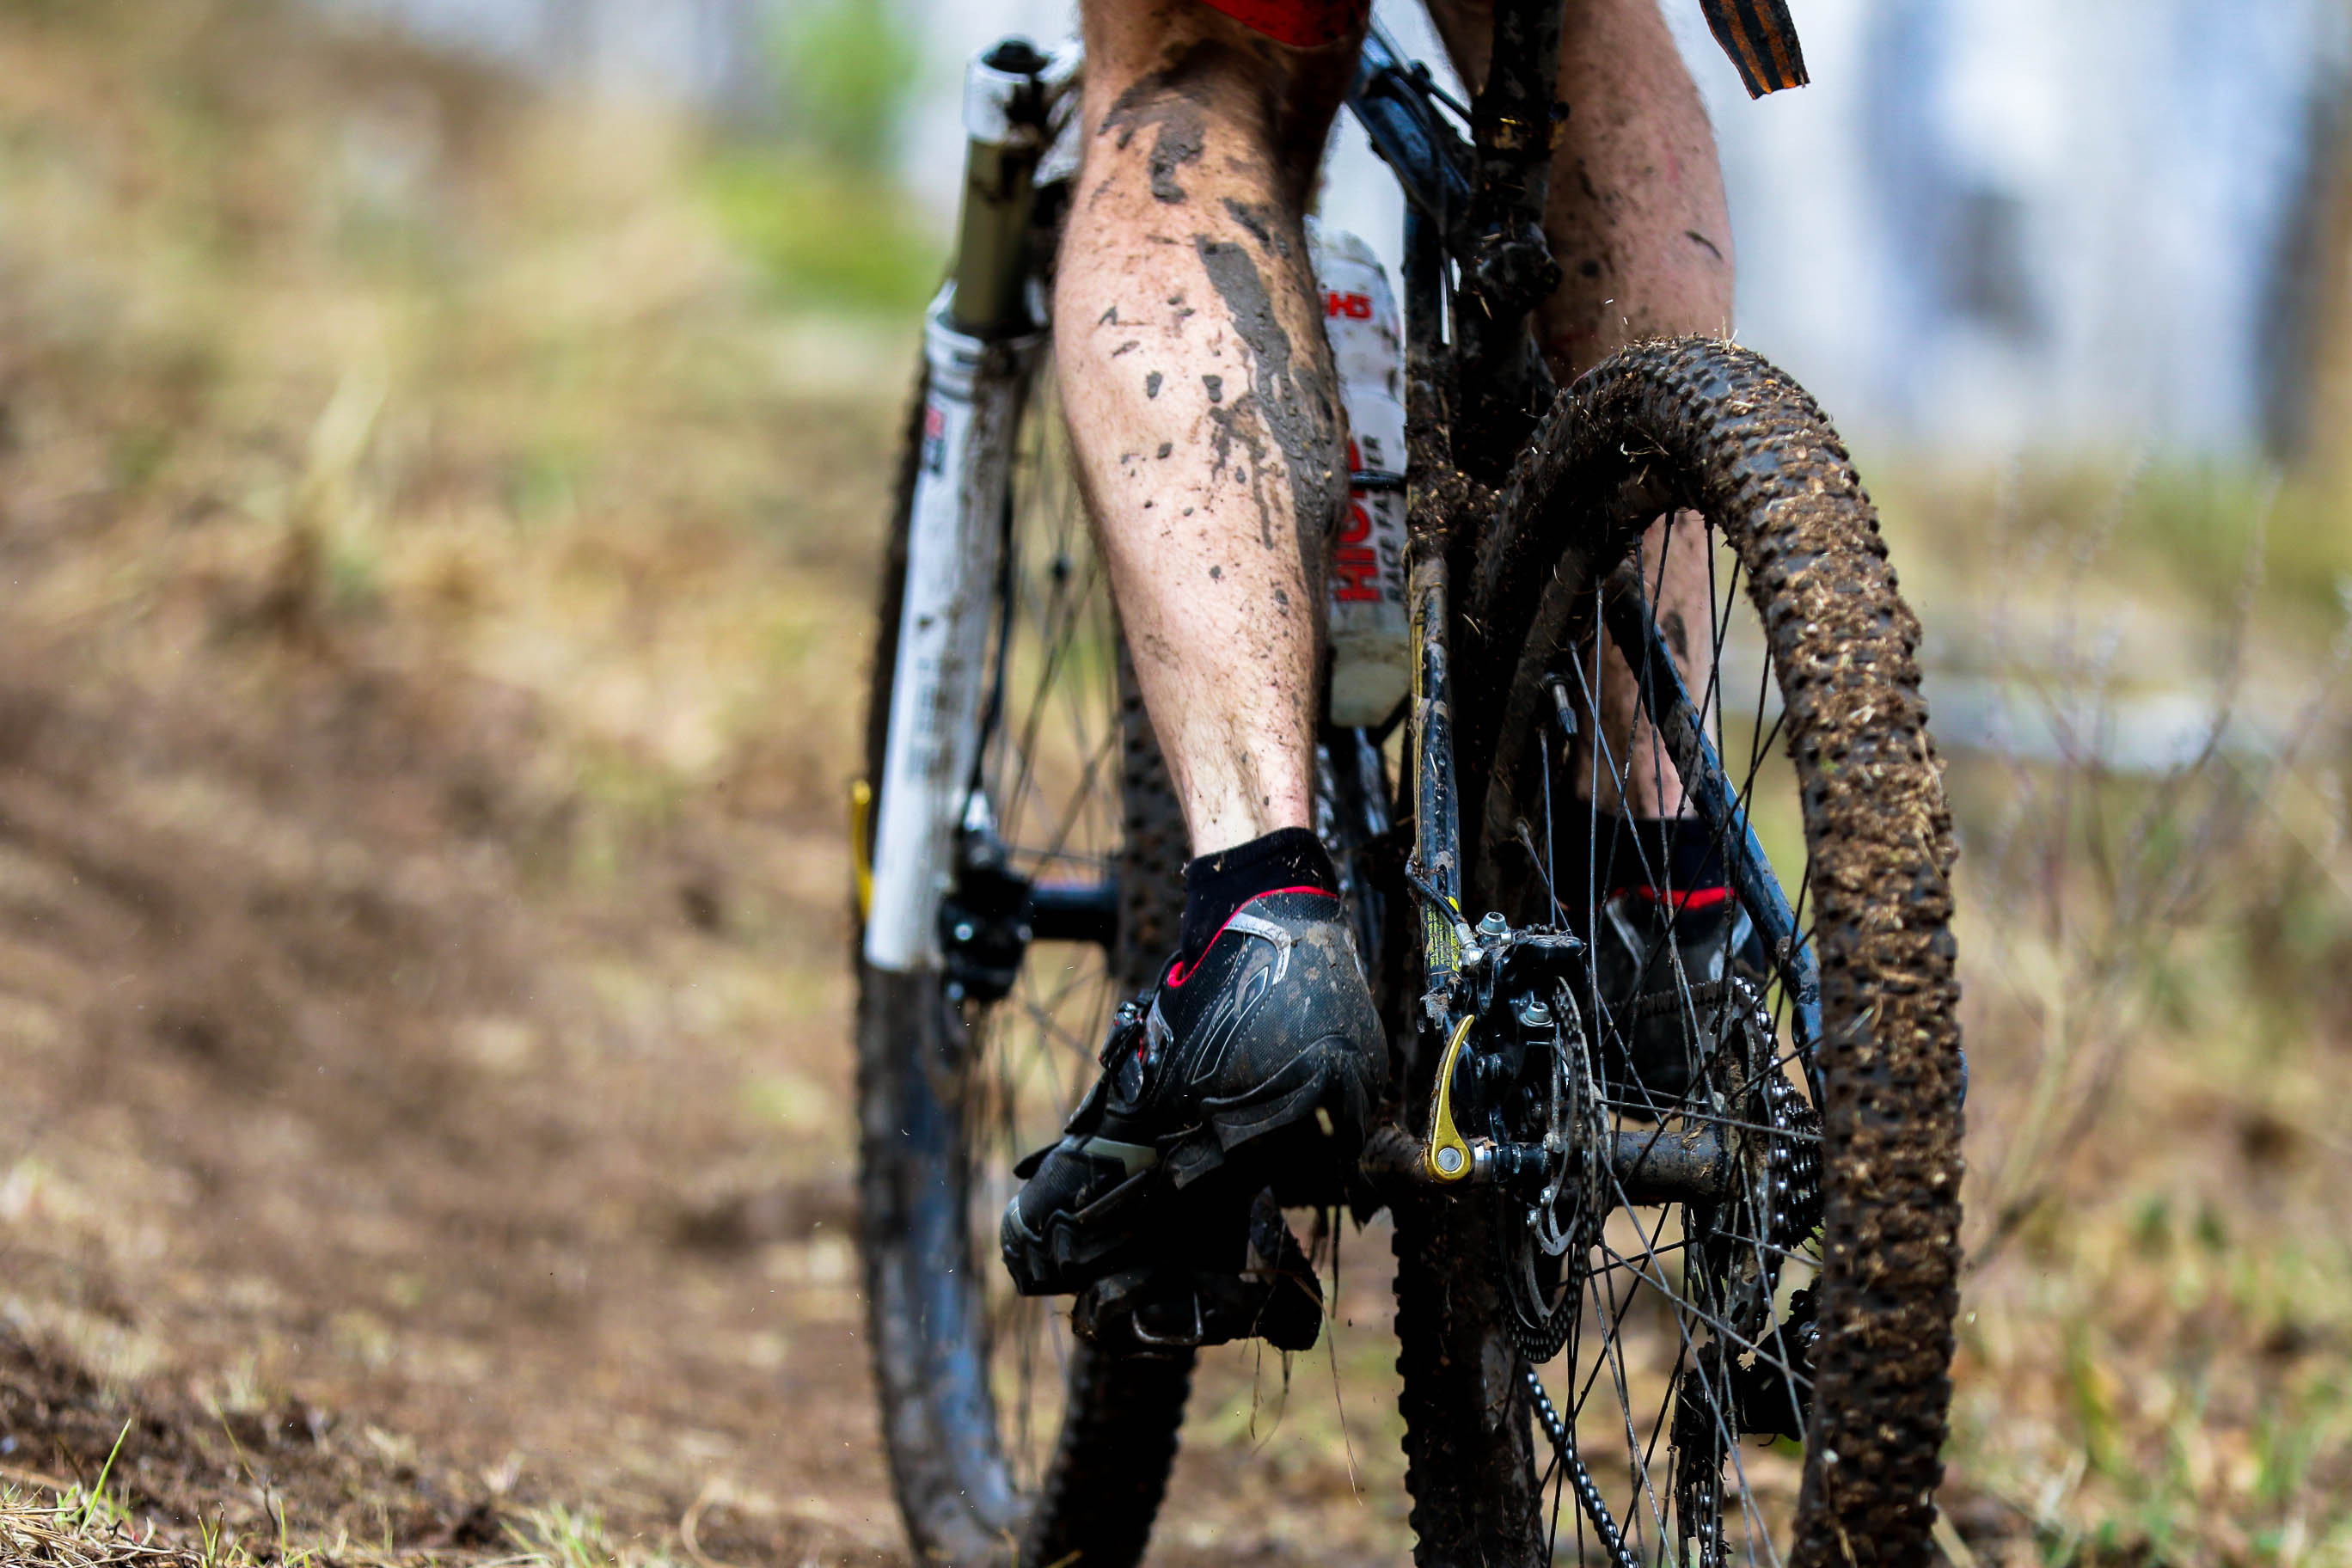 Muddy bike rider